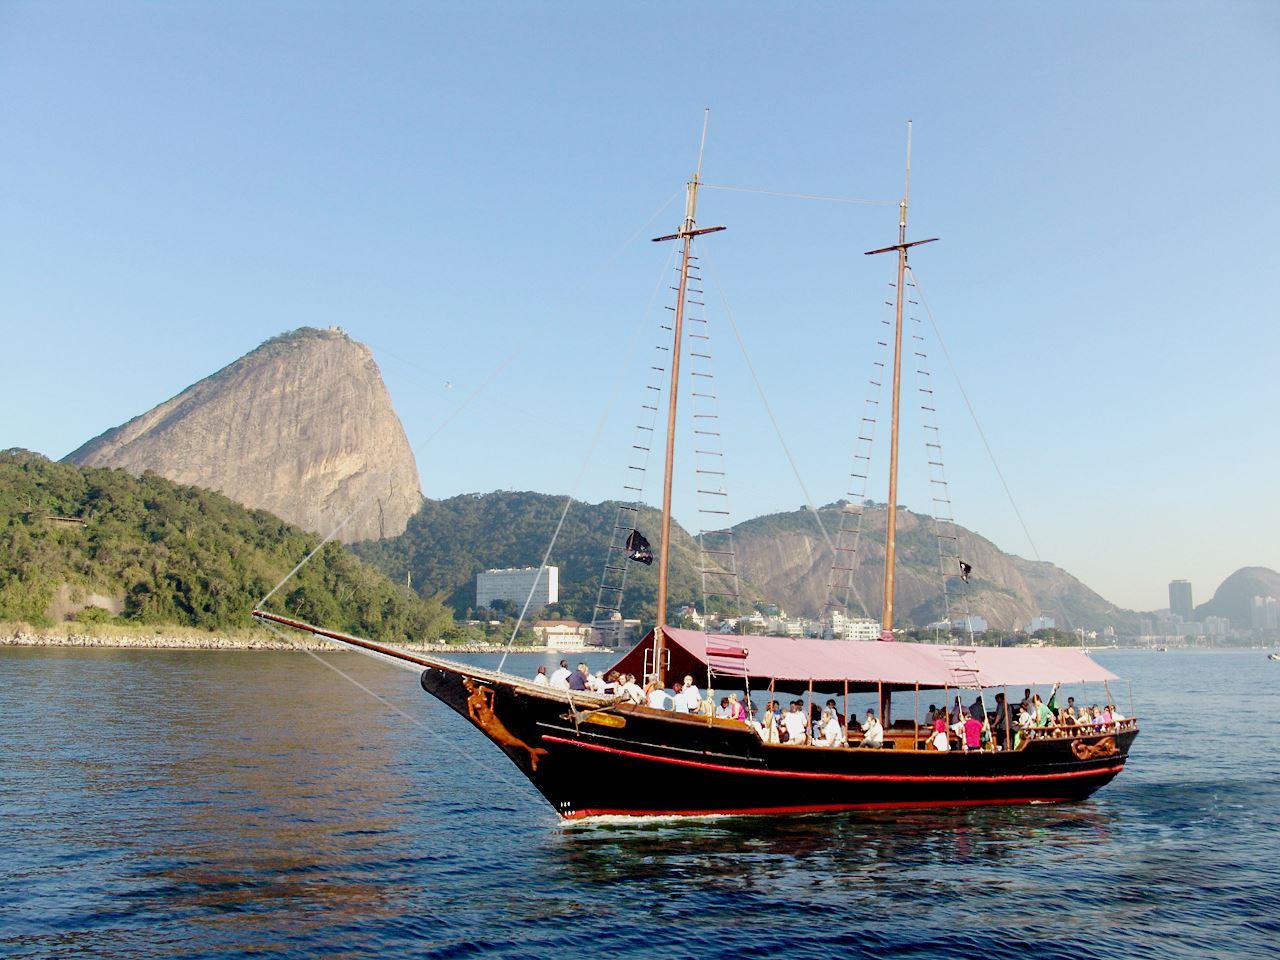 Paquetes A Sudamerica - Desde La Patagonia Hasta Rio De Janeiro